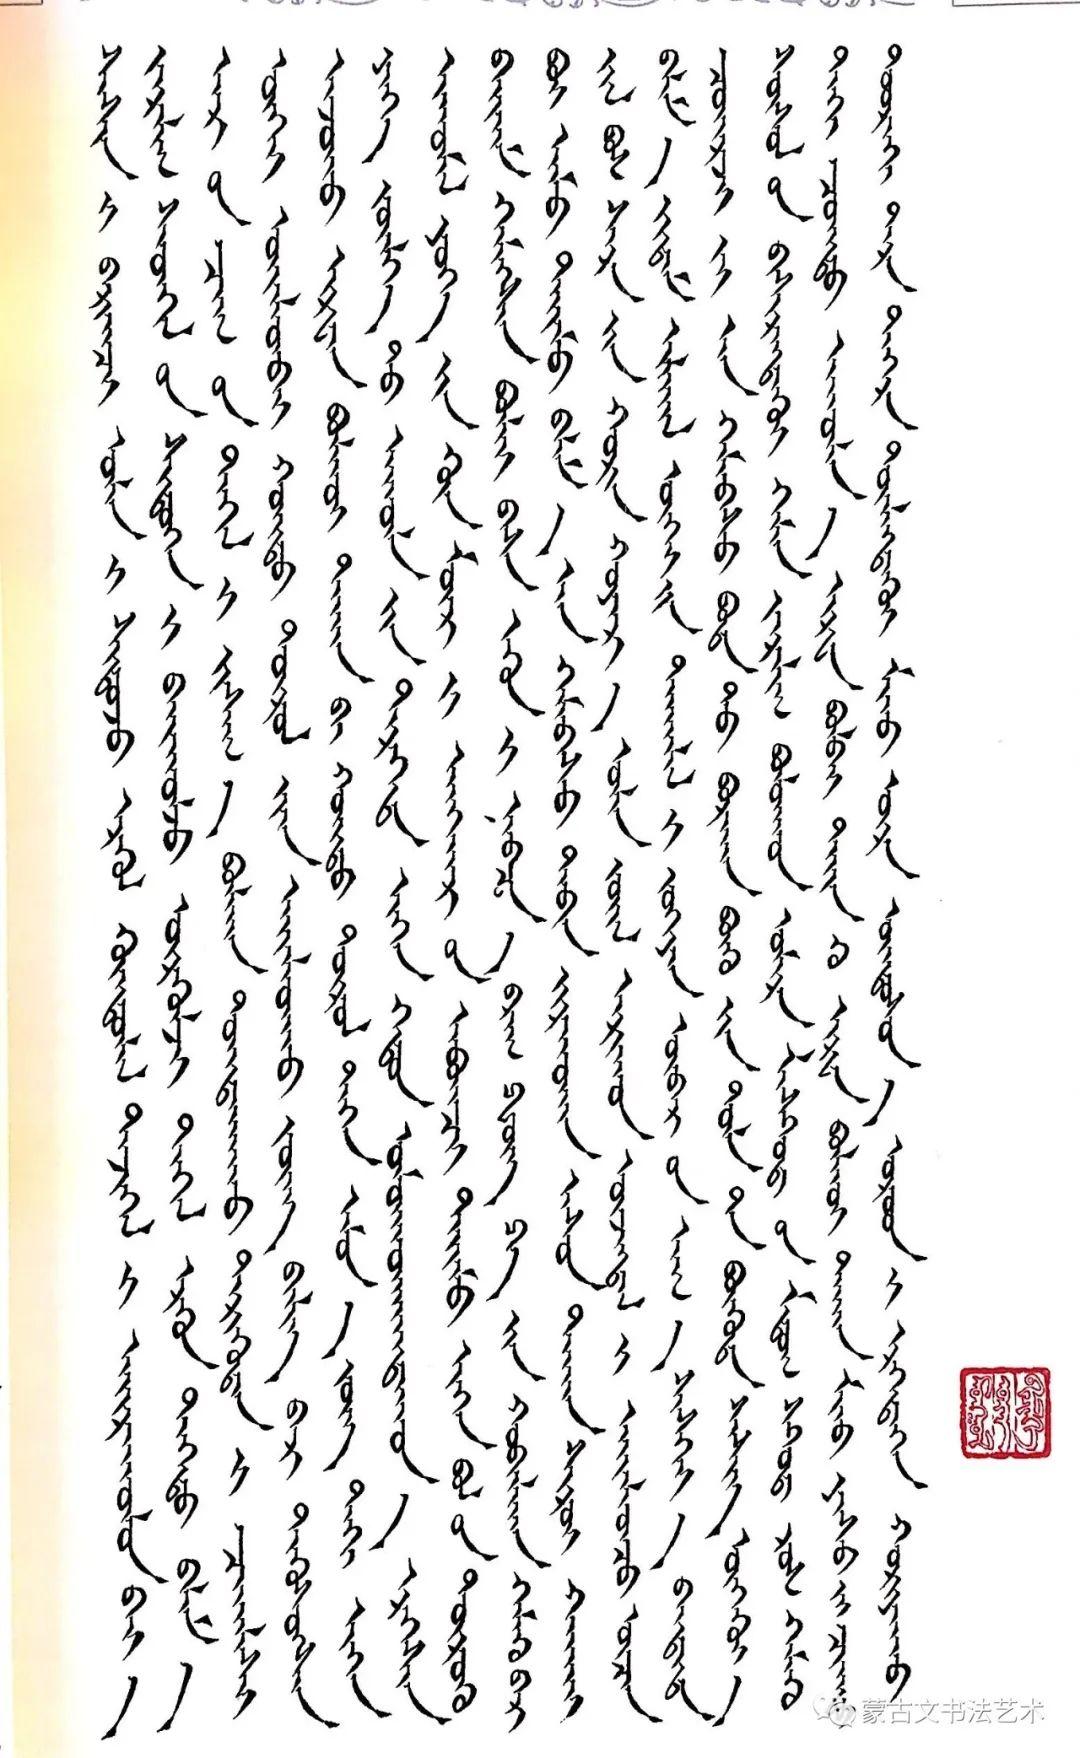 孟克德力格尔楷书著作《八思巴传》 第3张 孟克德力格尔楷书著作《八思巴传》 蒙古书法